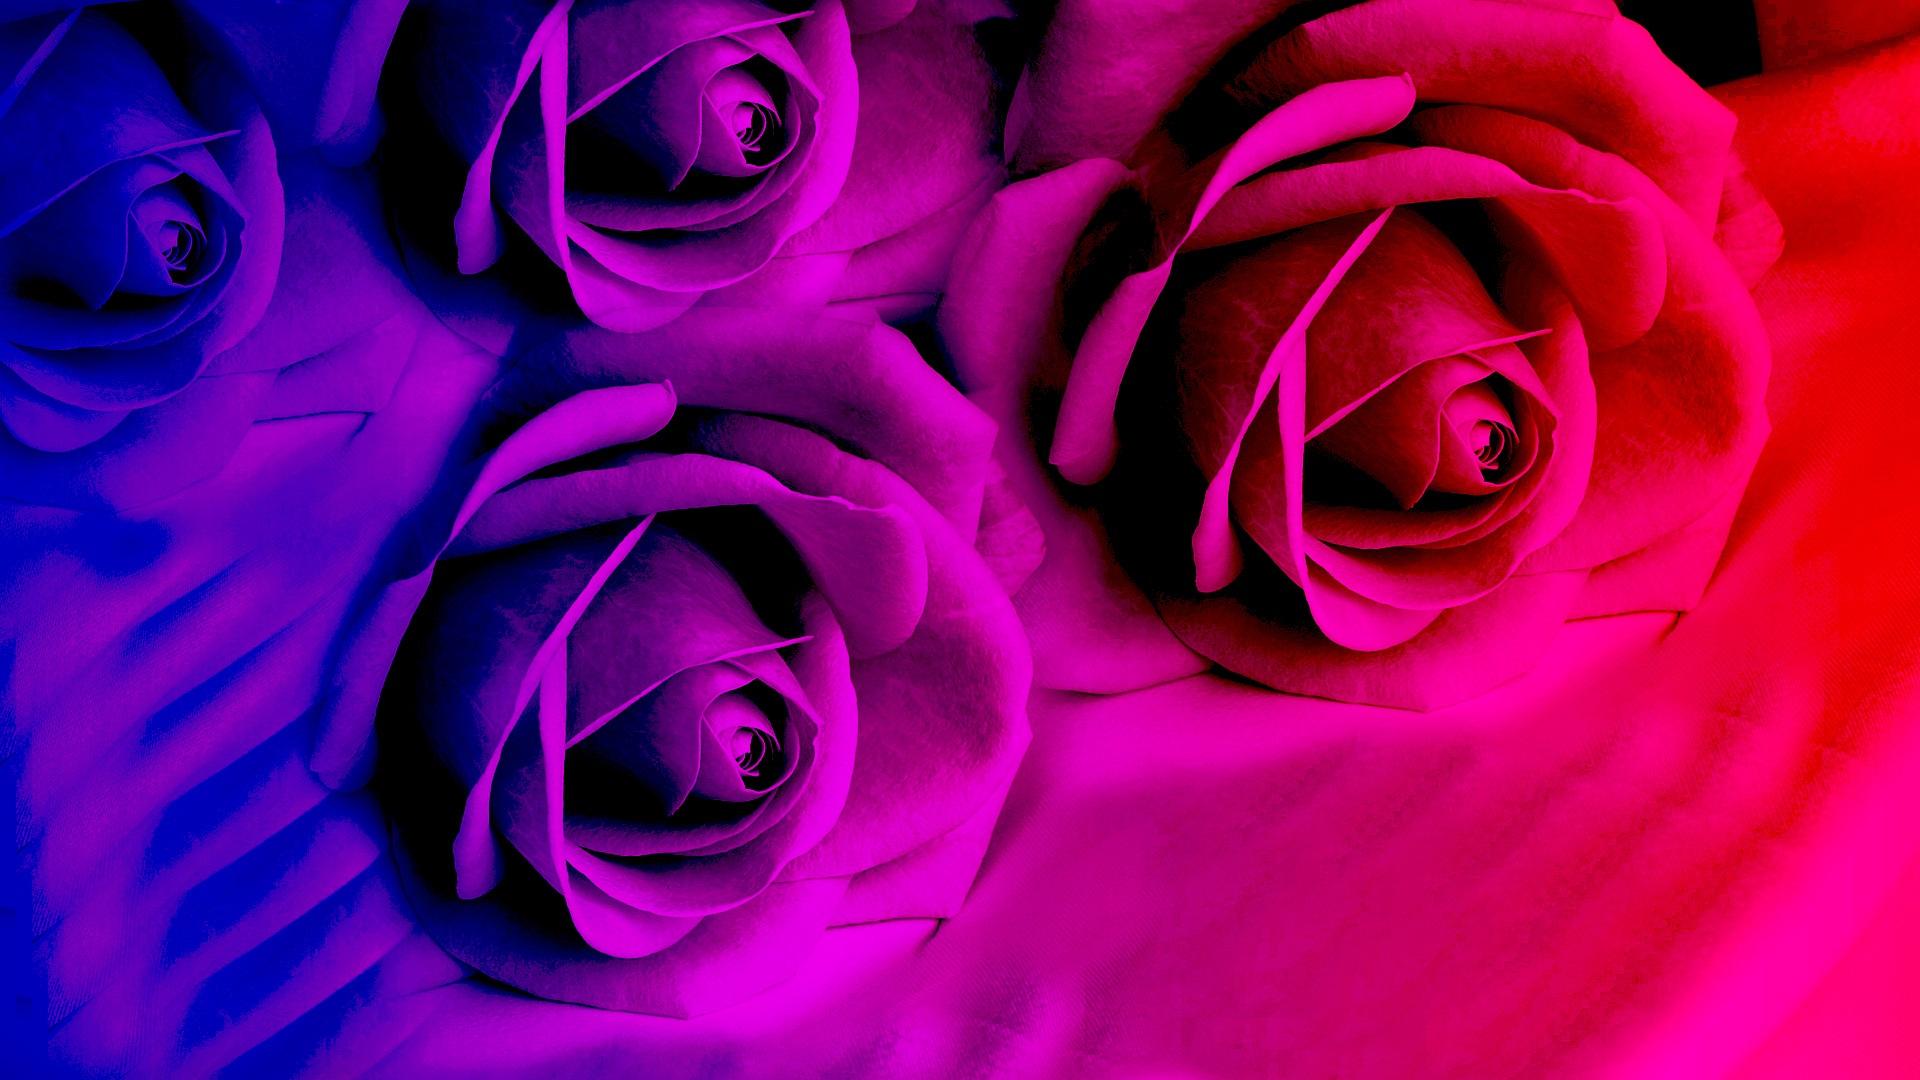 Fondos De Pantalla Flores De Rosa Rojo Y Morado 1920x1080 Full Hd